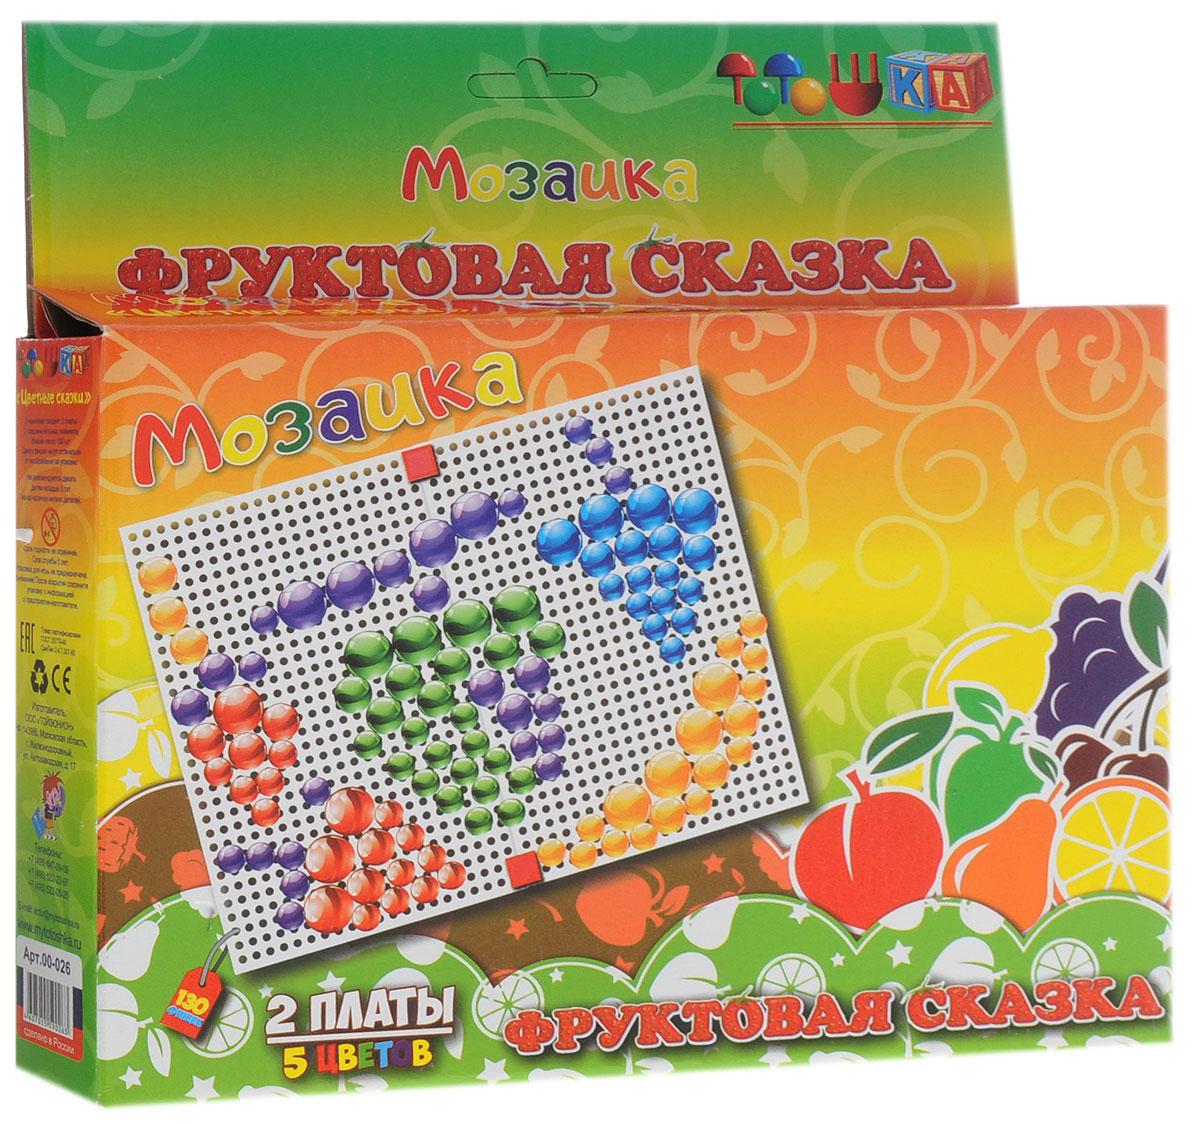 Тотошка Мозаика Фруктовая сказка мозаики toysunion мозаика лиловая сказка